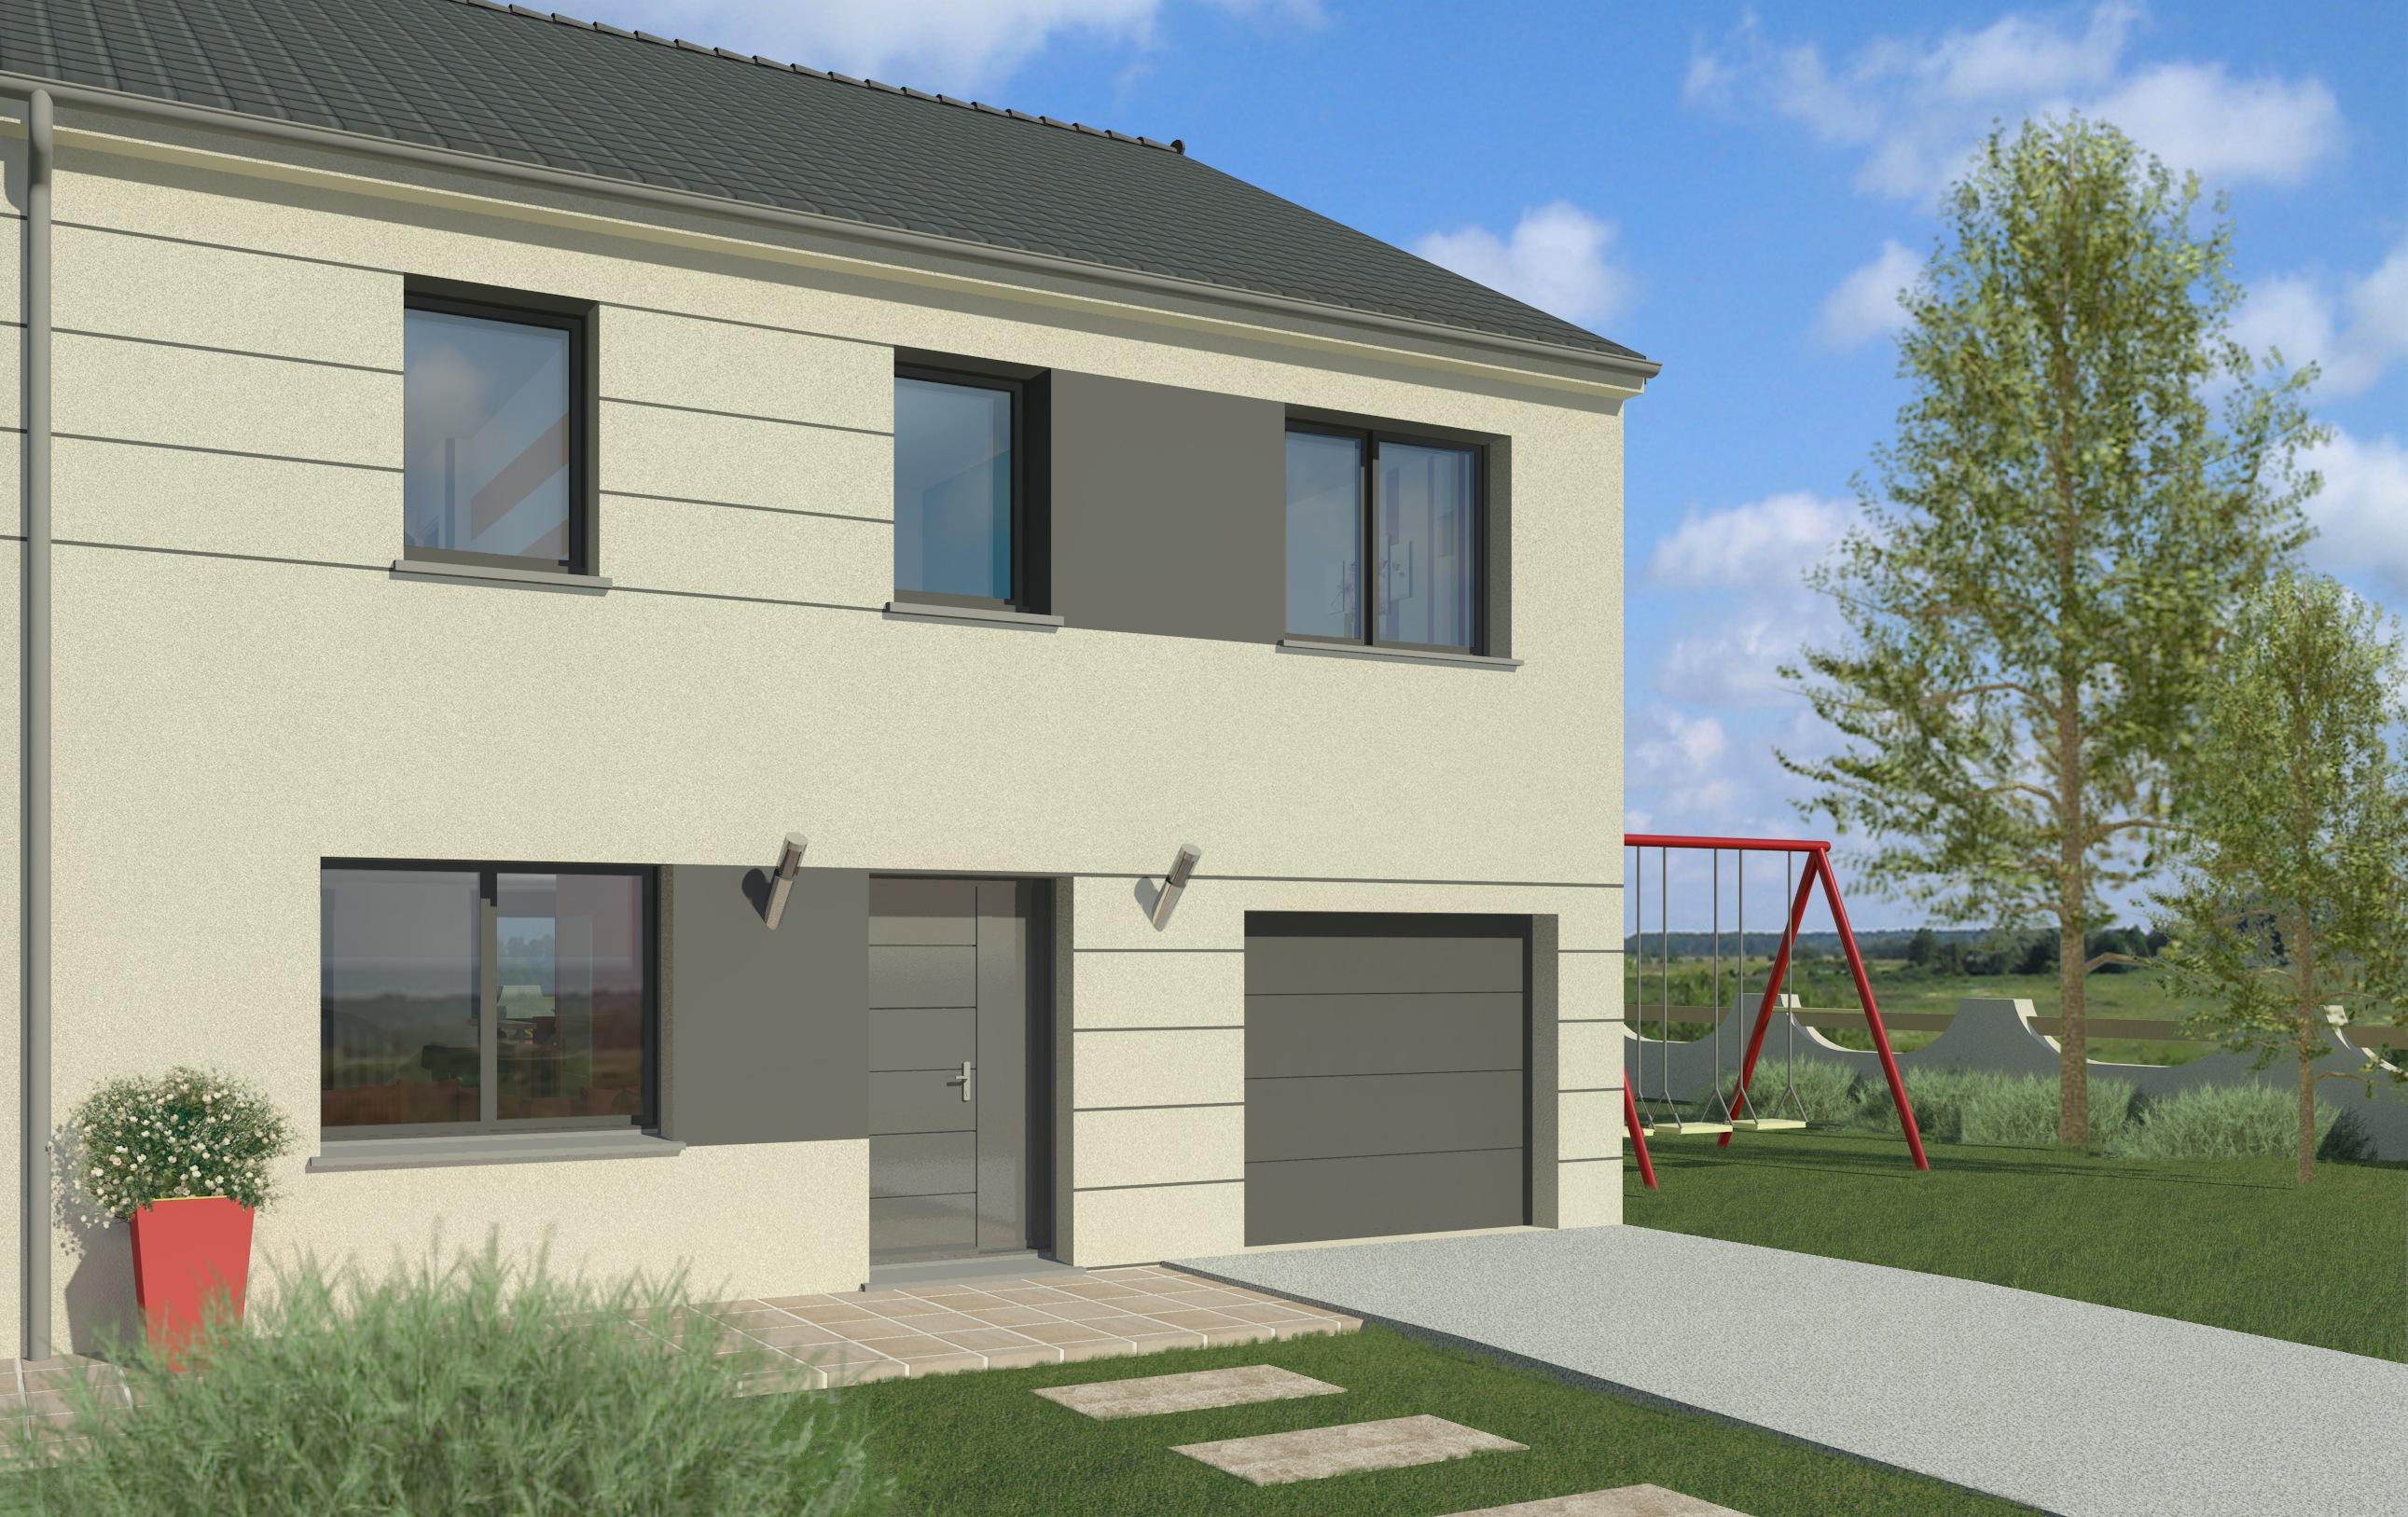 Maisons + Terrains du constructeur MAISON FAMILIALE COIGNIERES • 130 m² • COIGNIERES